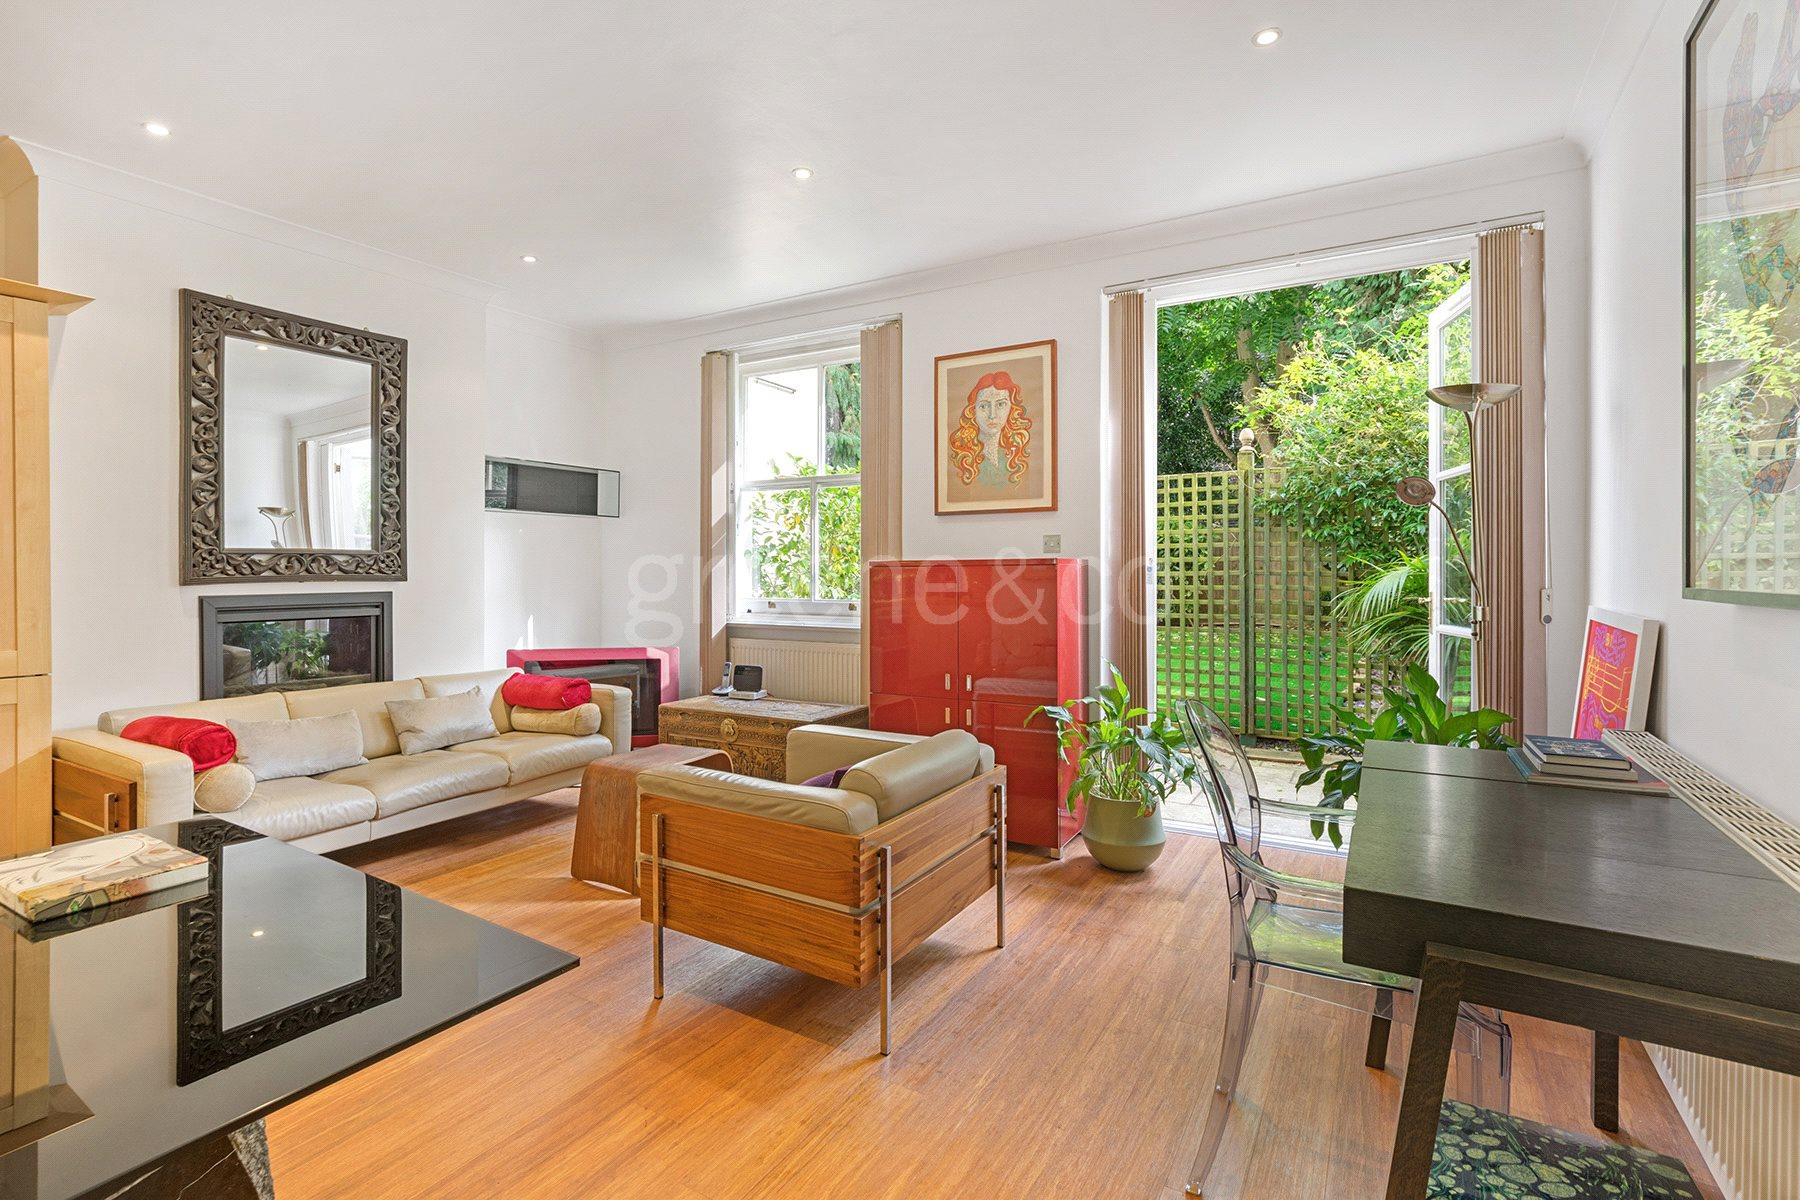 1 Bedroom Flat for sale in Blomfield Villas, Little Venice, London, W2